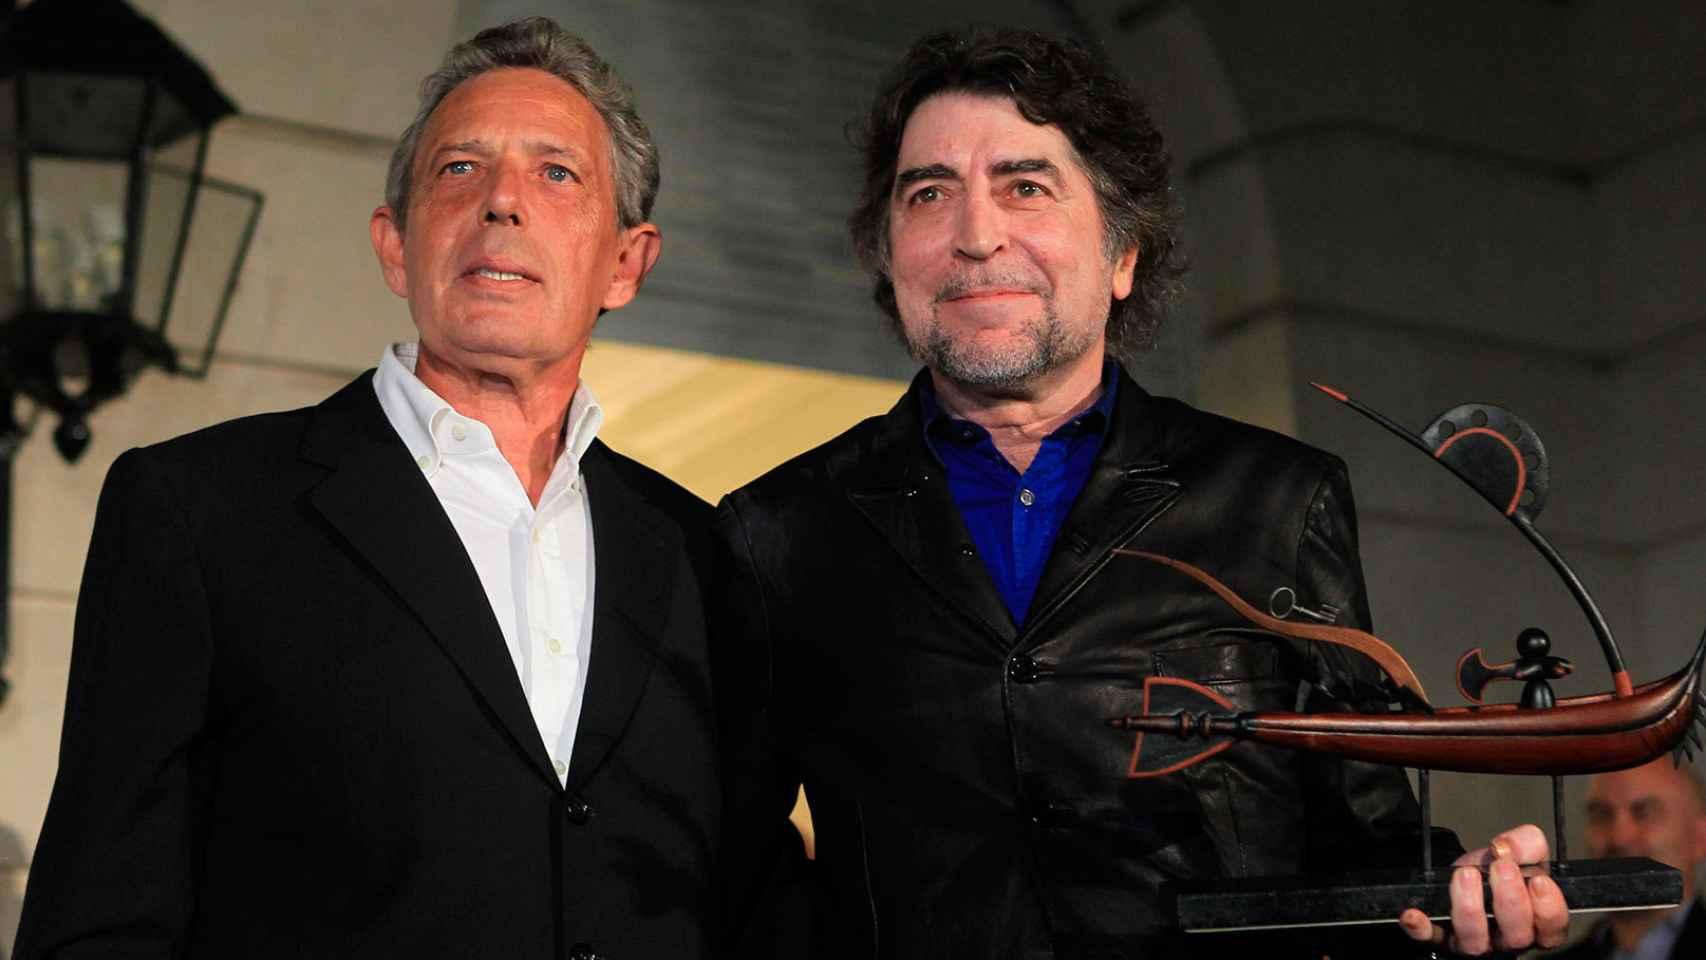 Rafael Estrella en su época de embajador en Argentina entregando un premio a Joaquín Sabina.